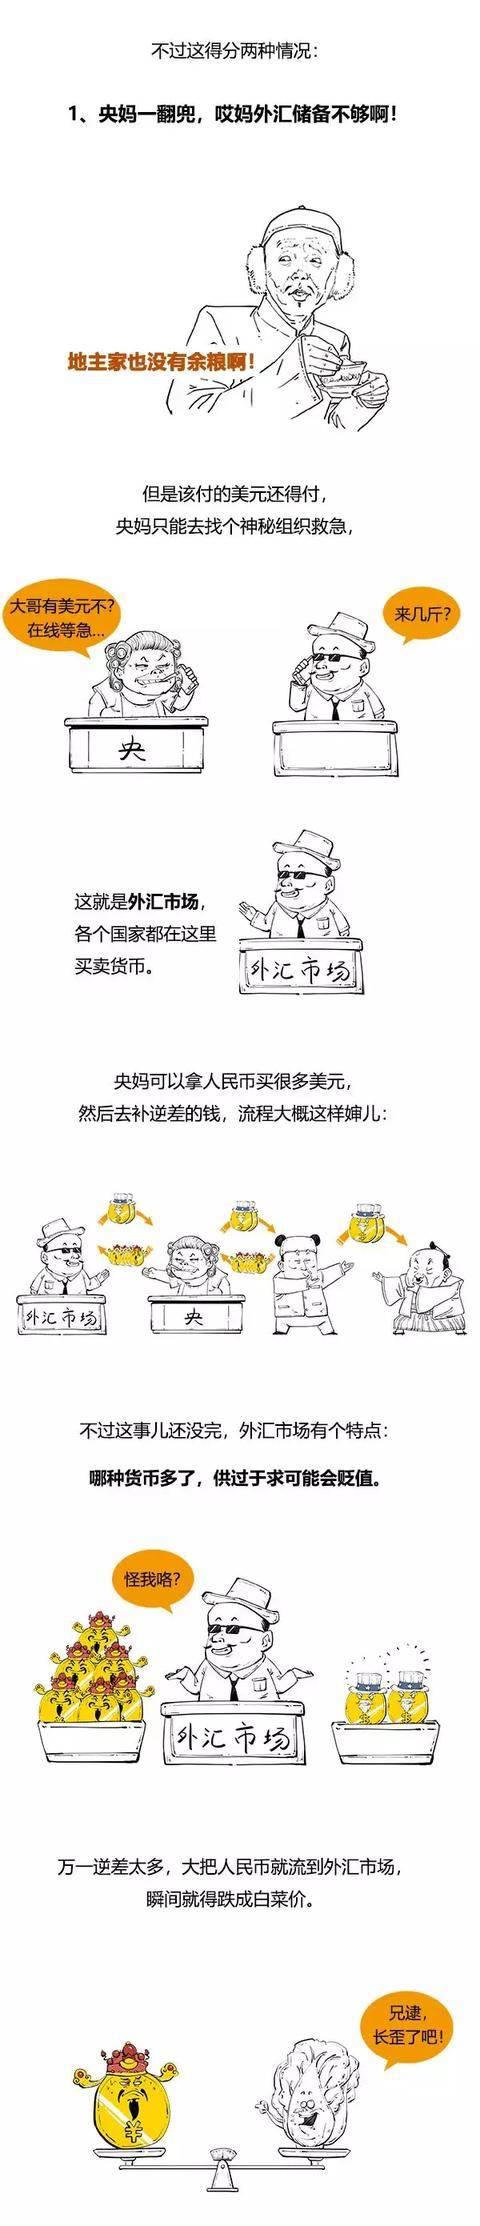 什么是外汇储备(外汇储备增加说明什么)插图(4)